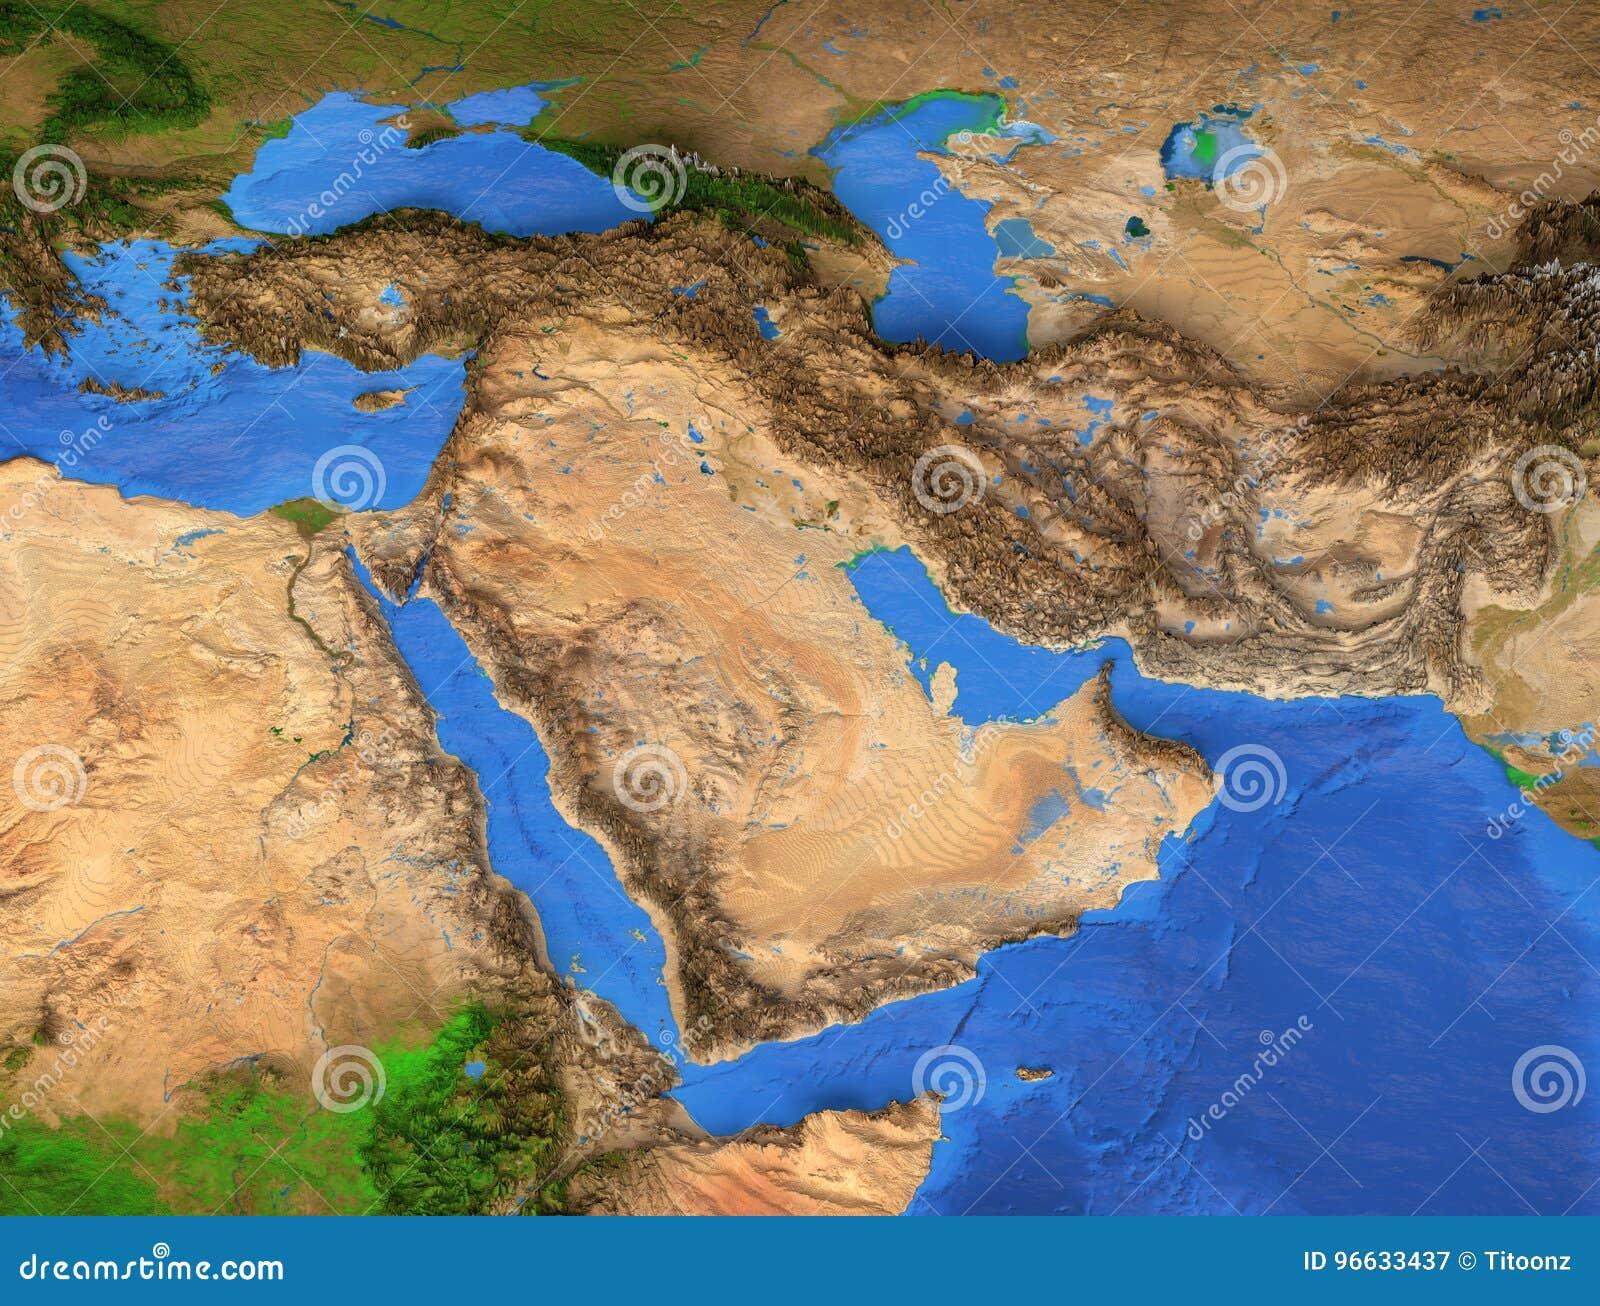 Środkowy Wschód - Wysoka rozdzielczość mapa